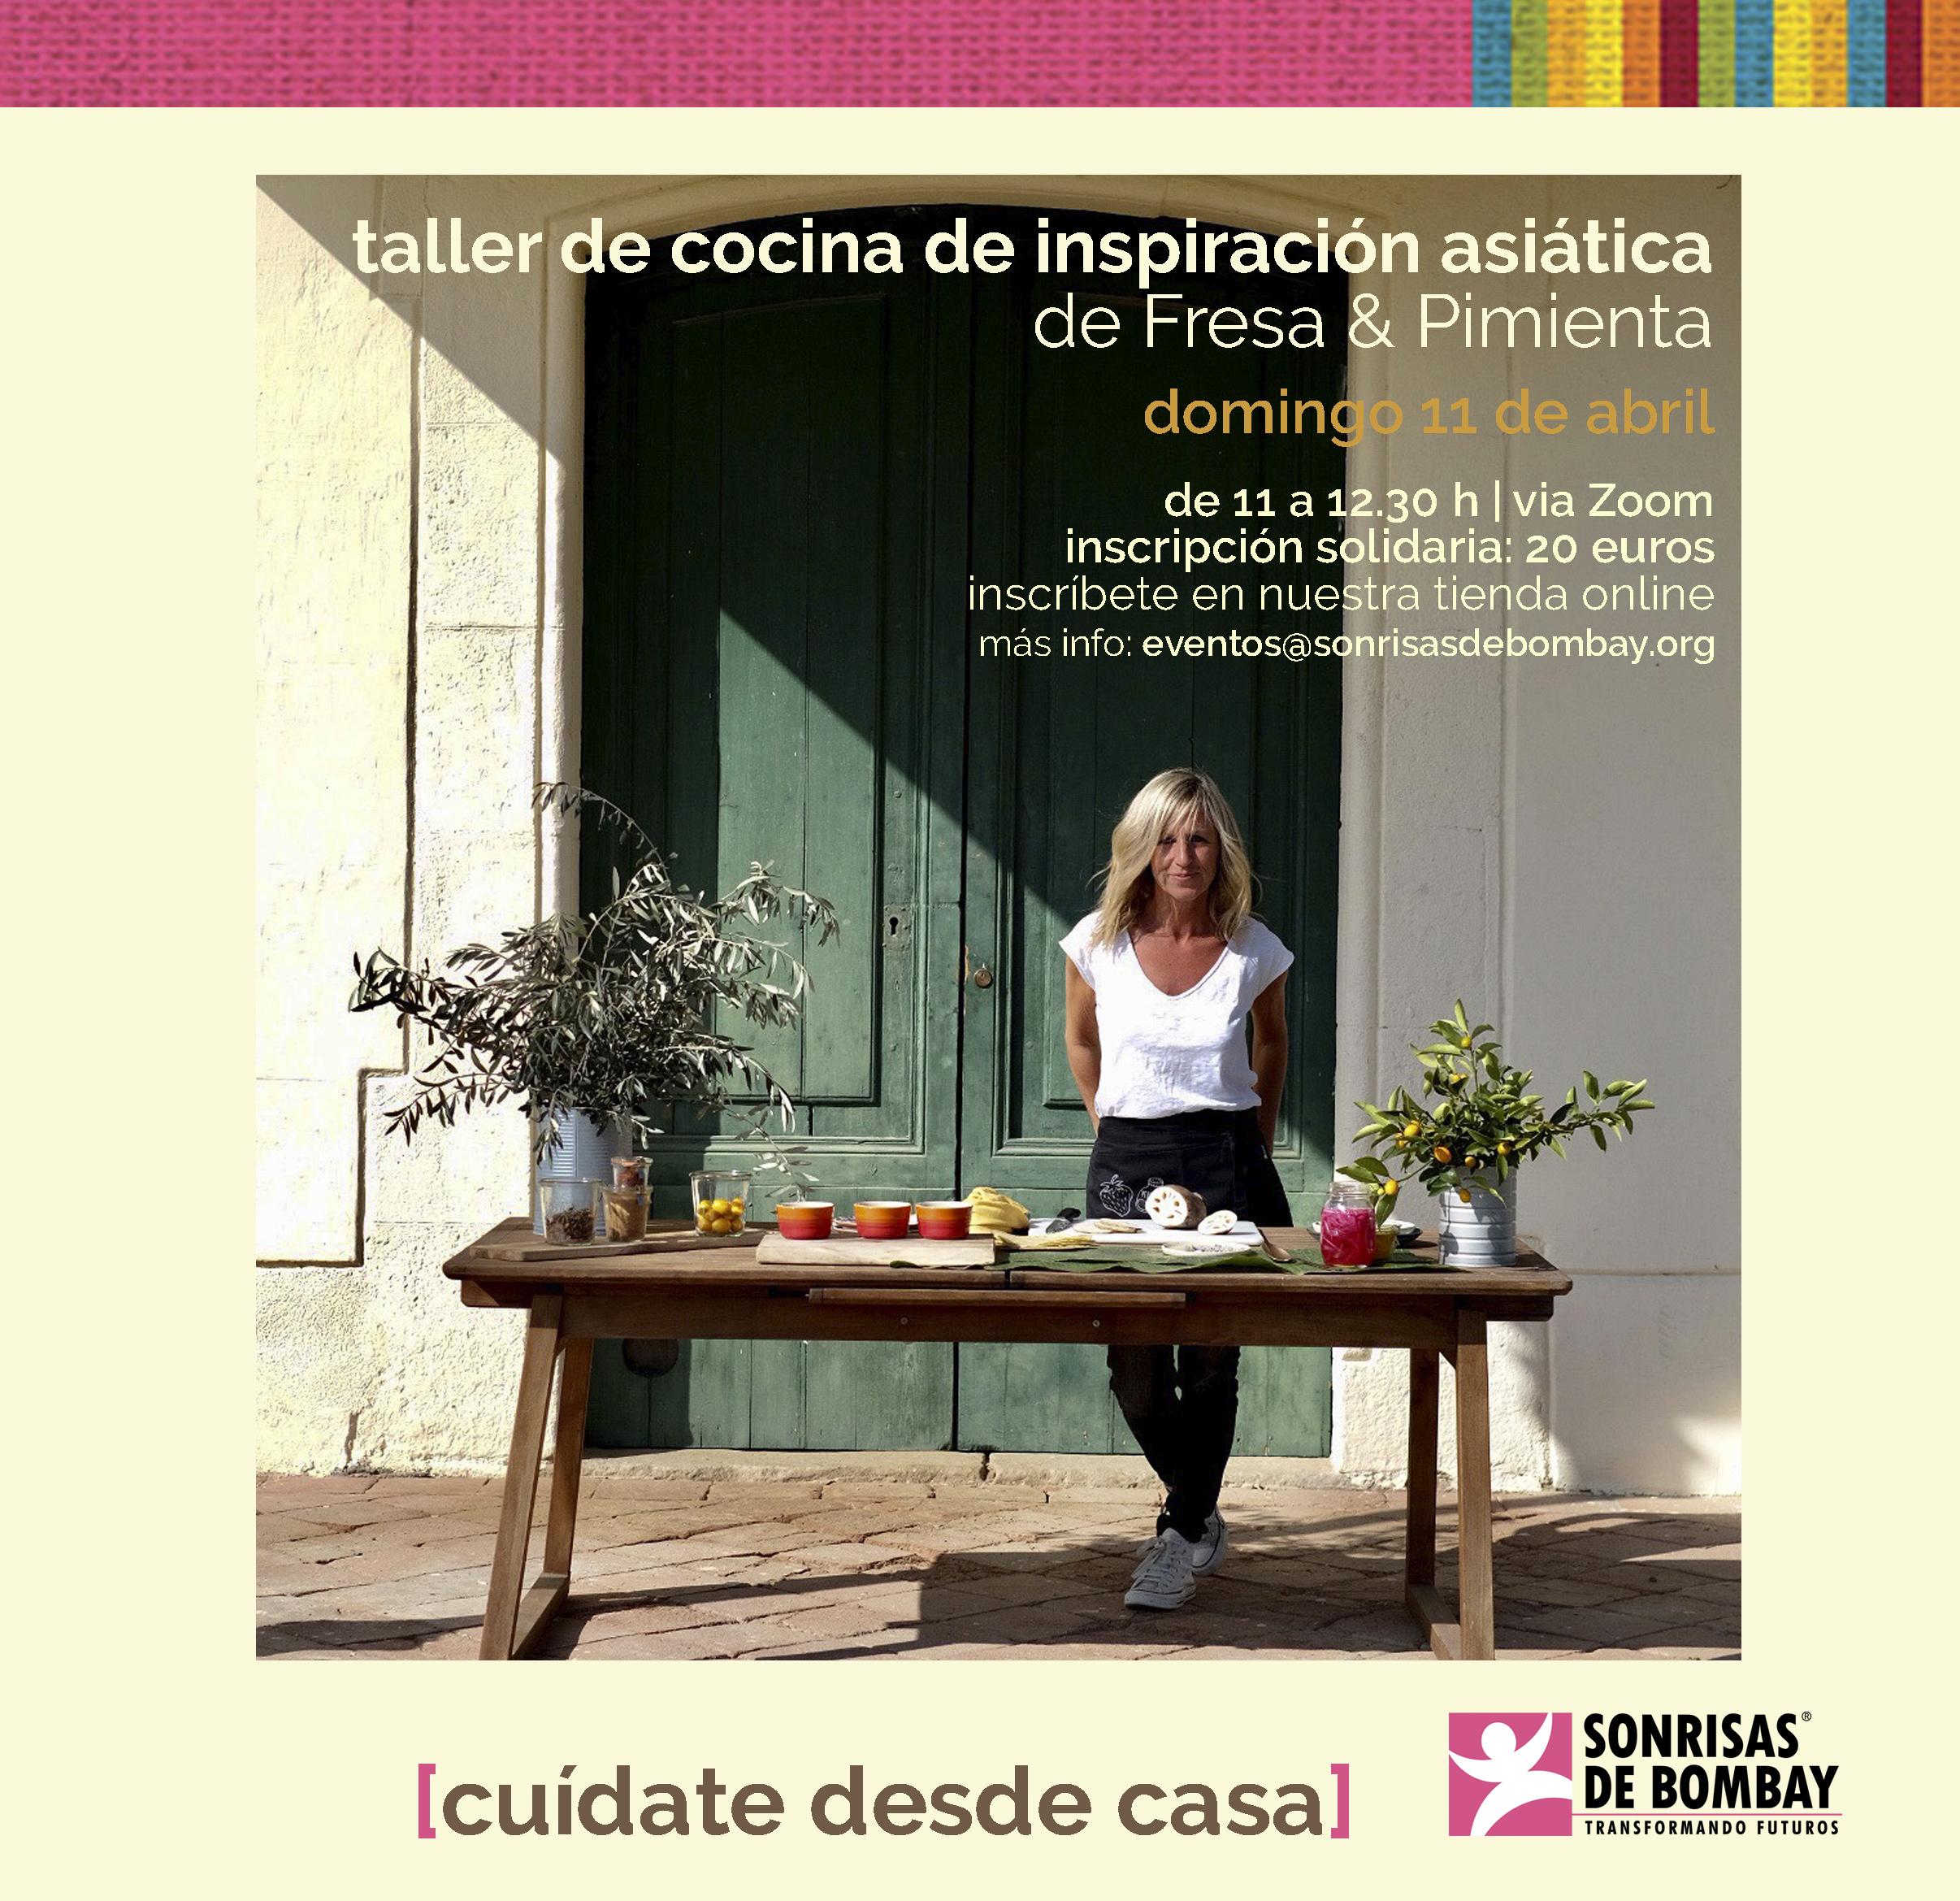 Taller de cocina de inspiración asiática de Fresa & Pimienta